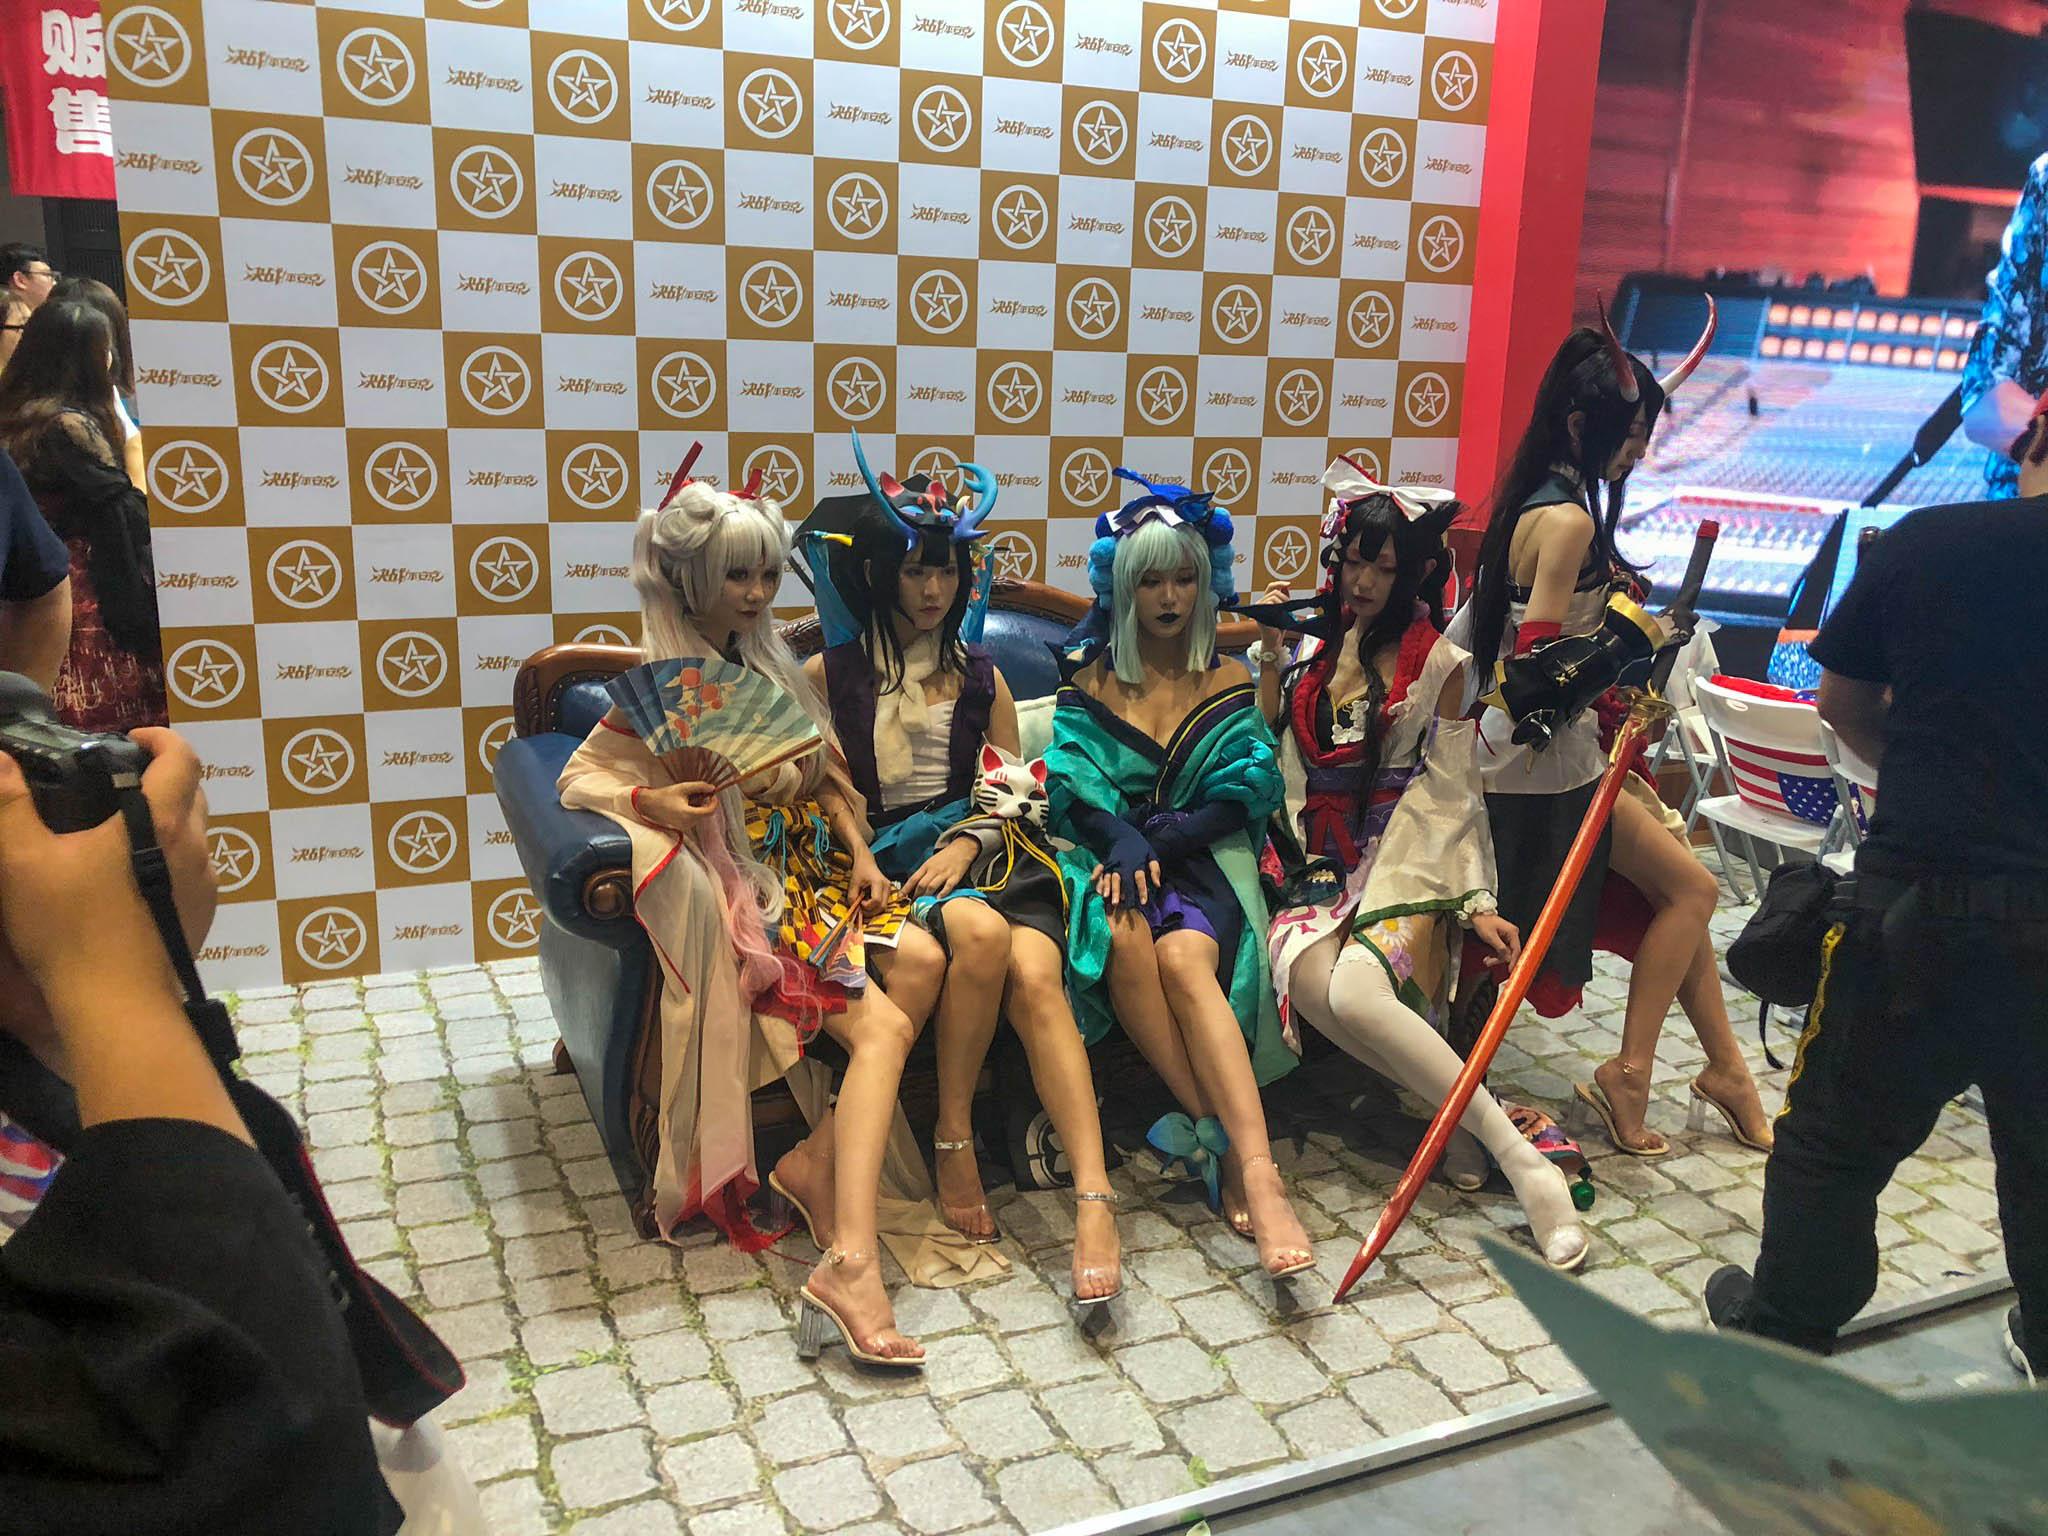 COMICUP24 魔都同人祭 CP24 游玩 第11张